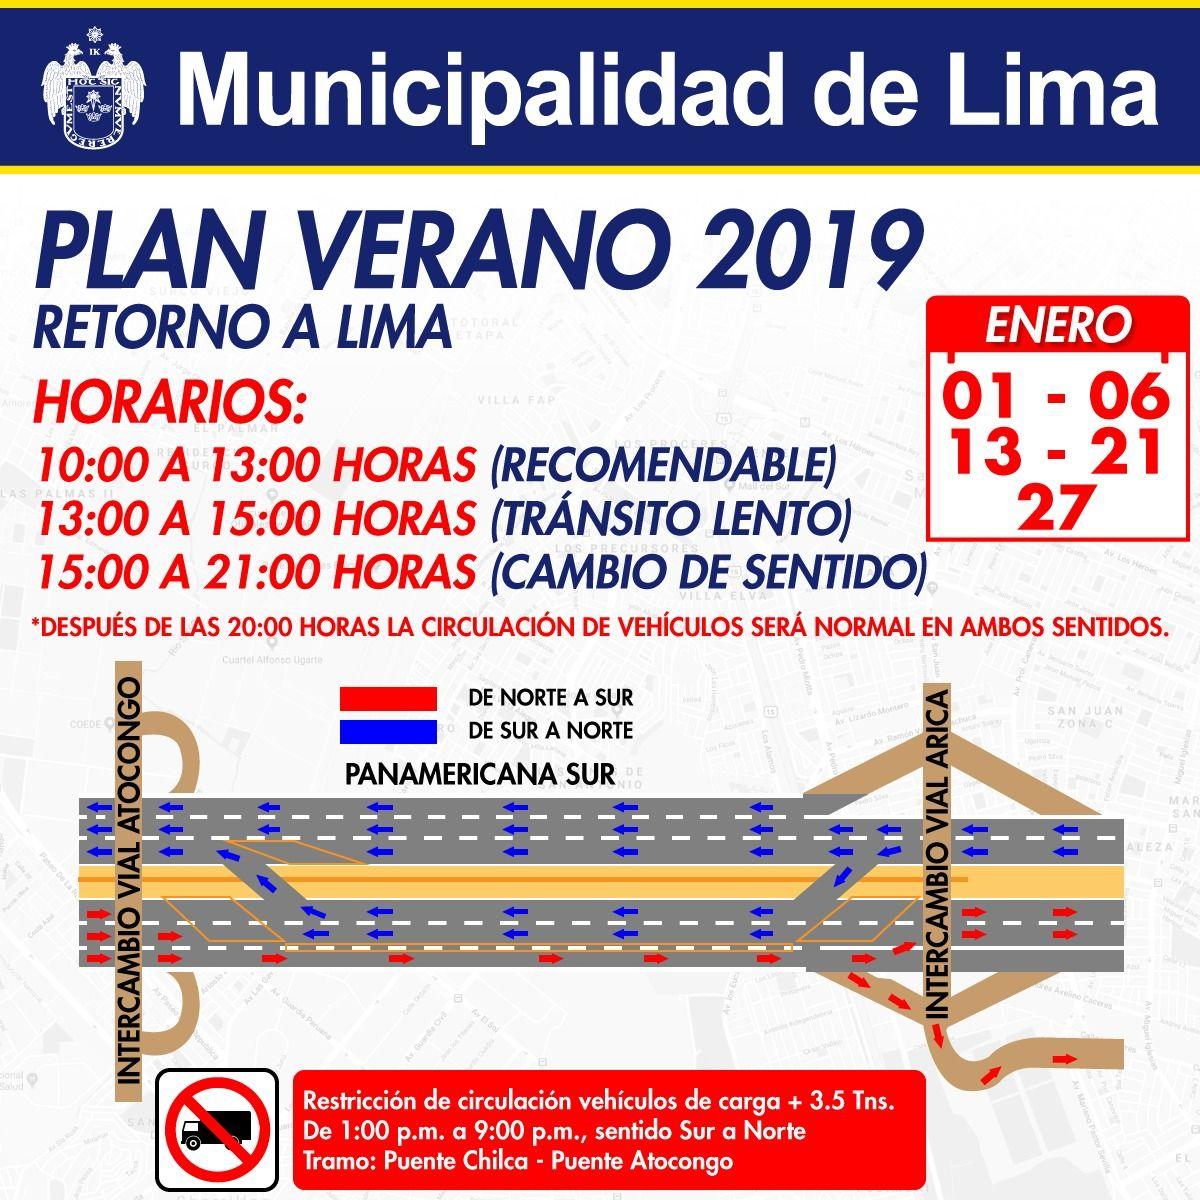 Este es el horario establecido por la Municipalidad de Lima para el retorno de los vehículos por la Panamericana Sur durante Año Nuevo. (Difusión)